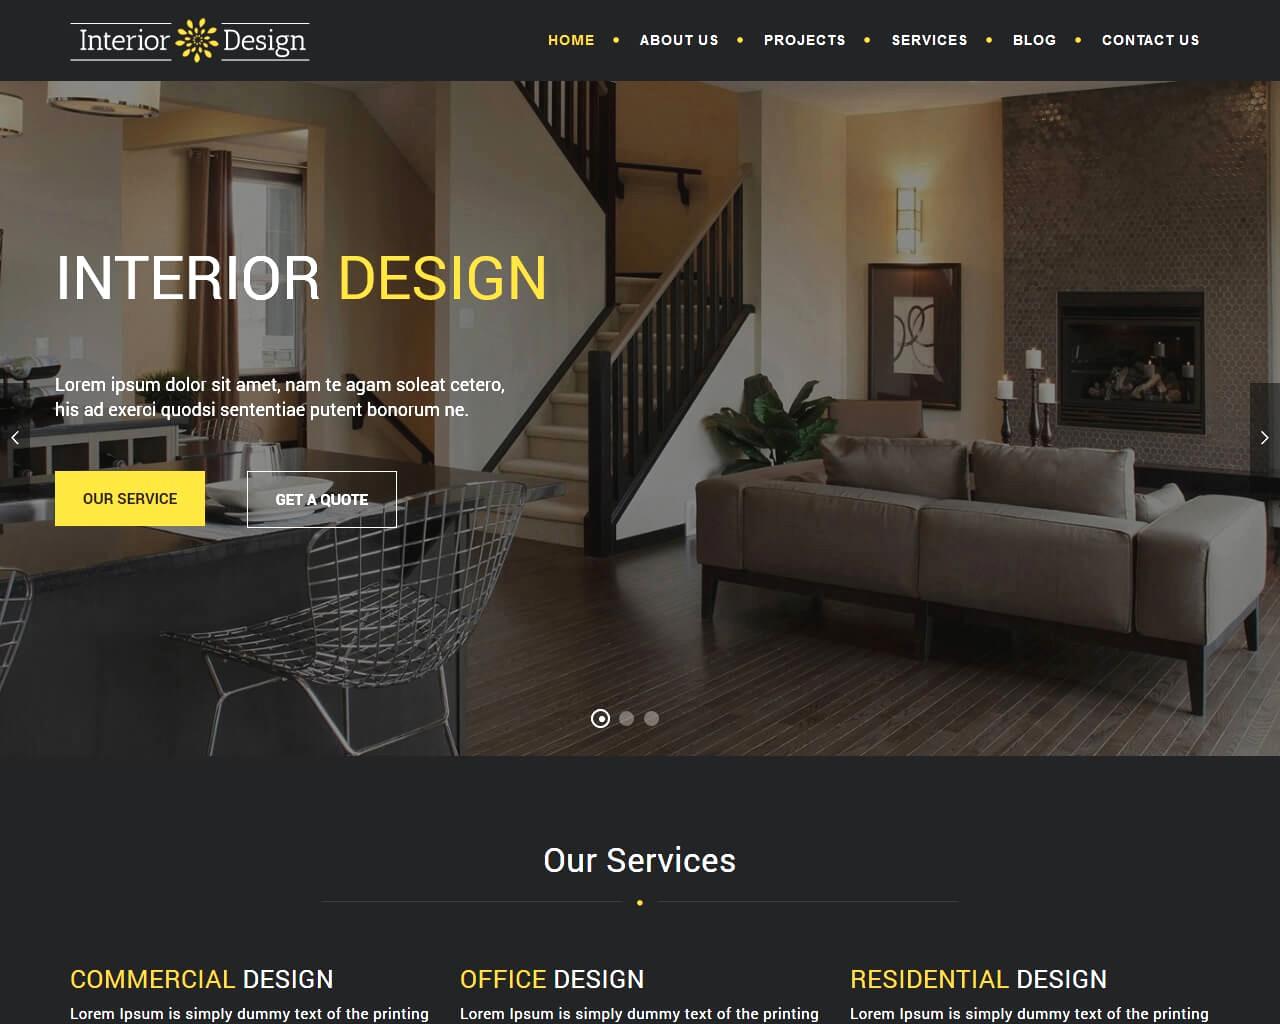 Interior Design Co là mẫu webiste nội thất sở hữu nhiều tính năng vượt trội.